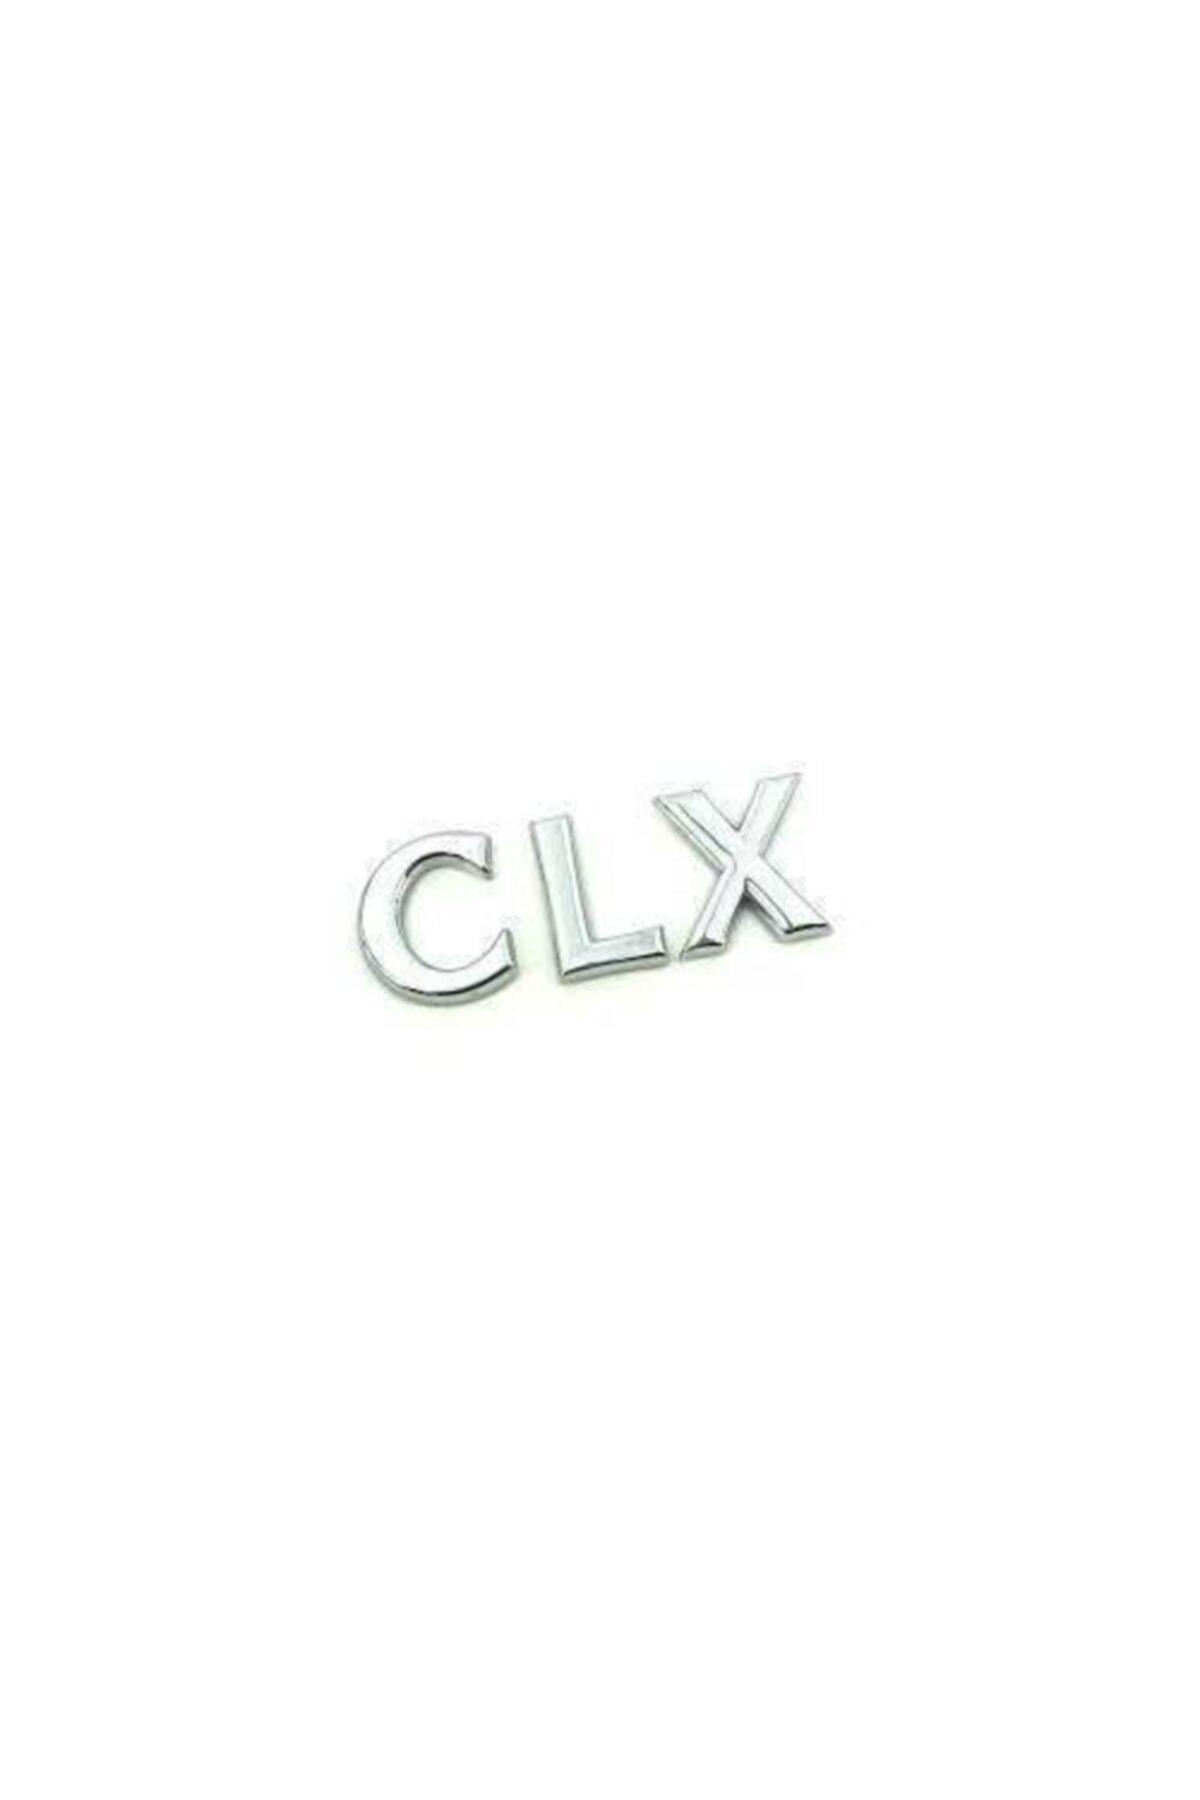 Escort Ford -''clx''bagaj-yazısı Yüksek Kalite 1